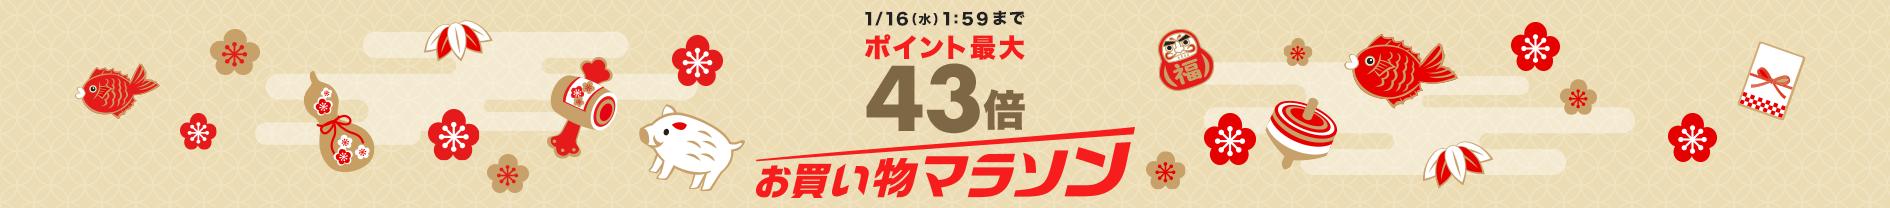 楽天市場お買い物マラソン 1/16まで開催中!